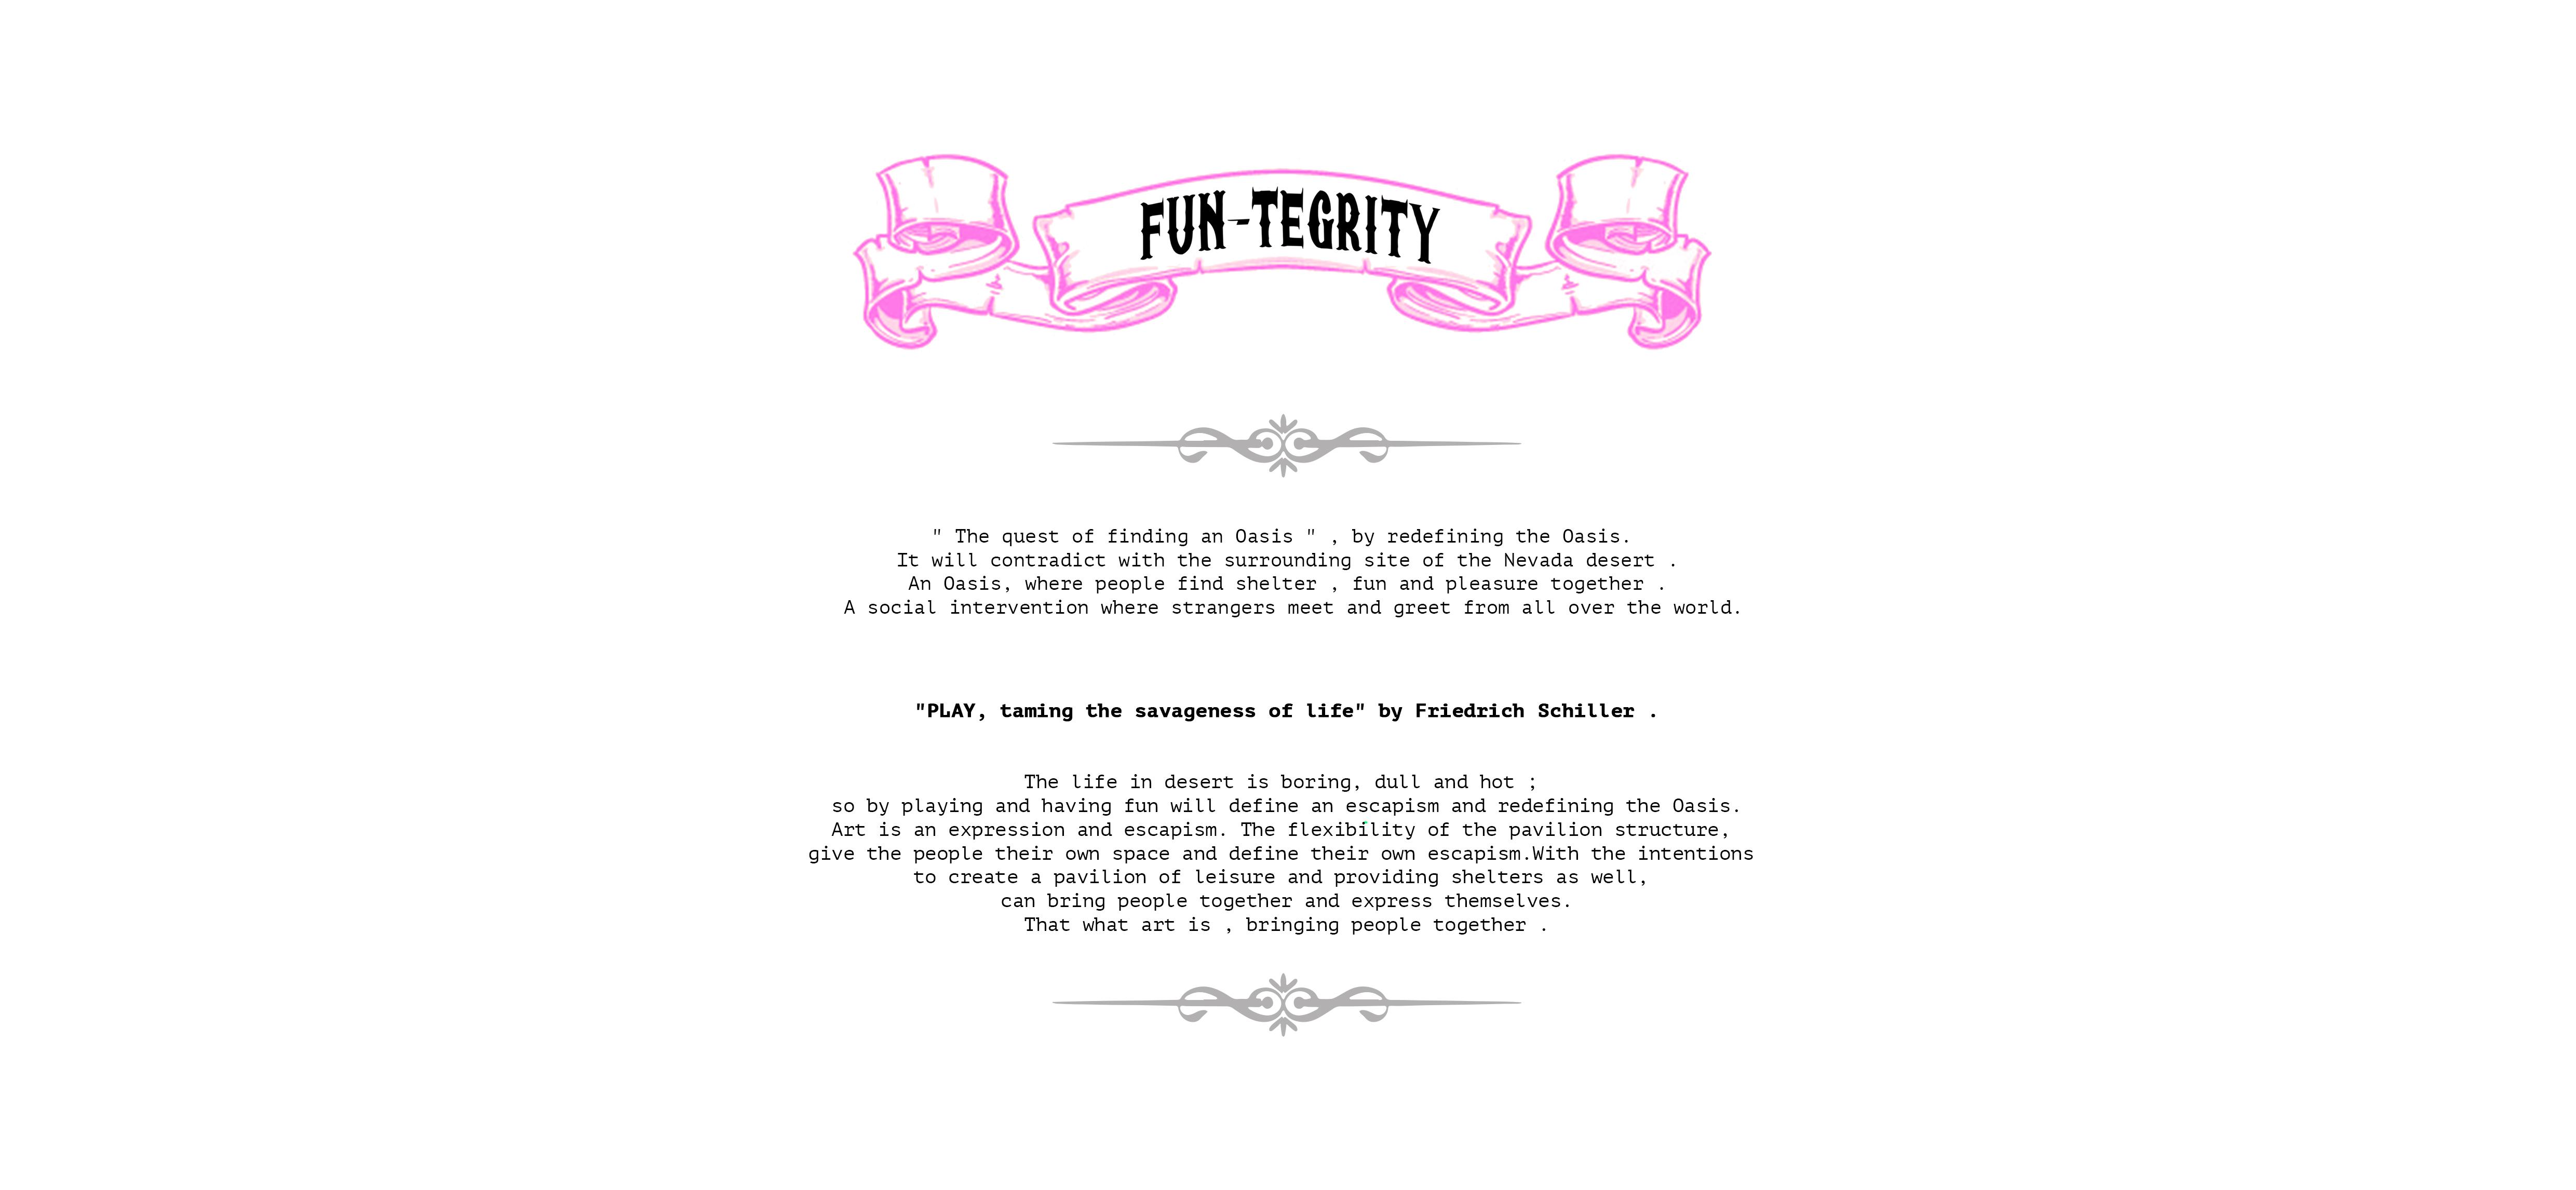 FUN-tegrity